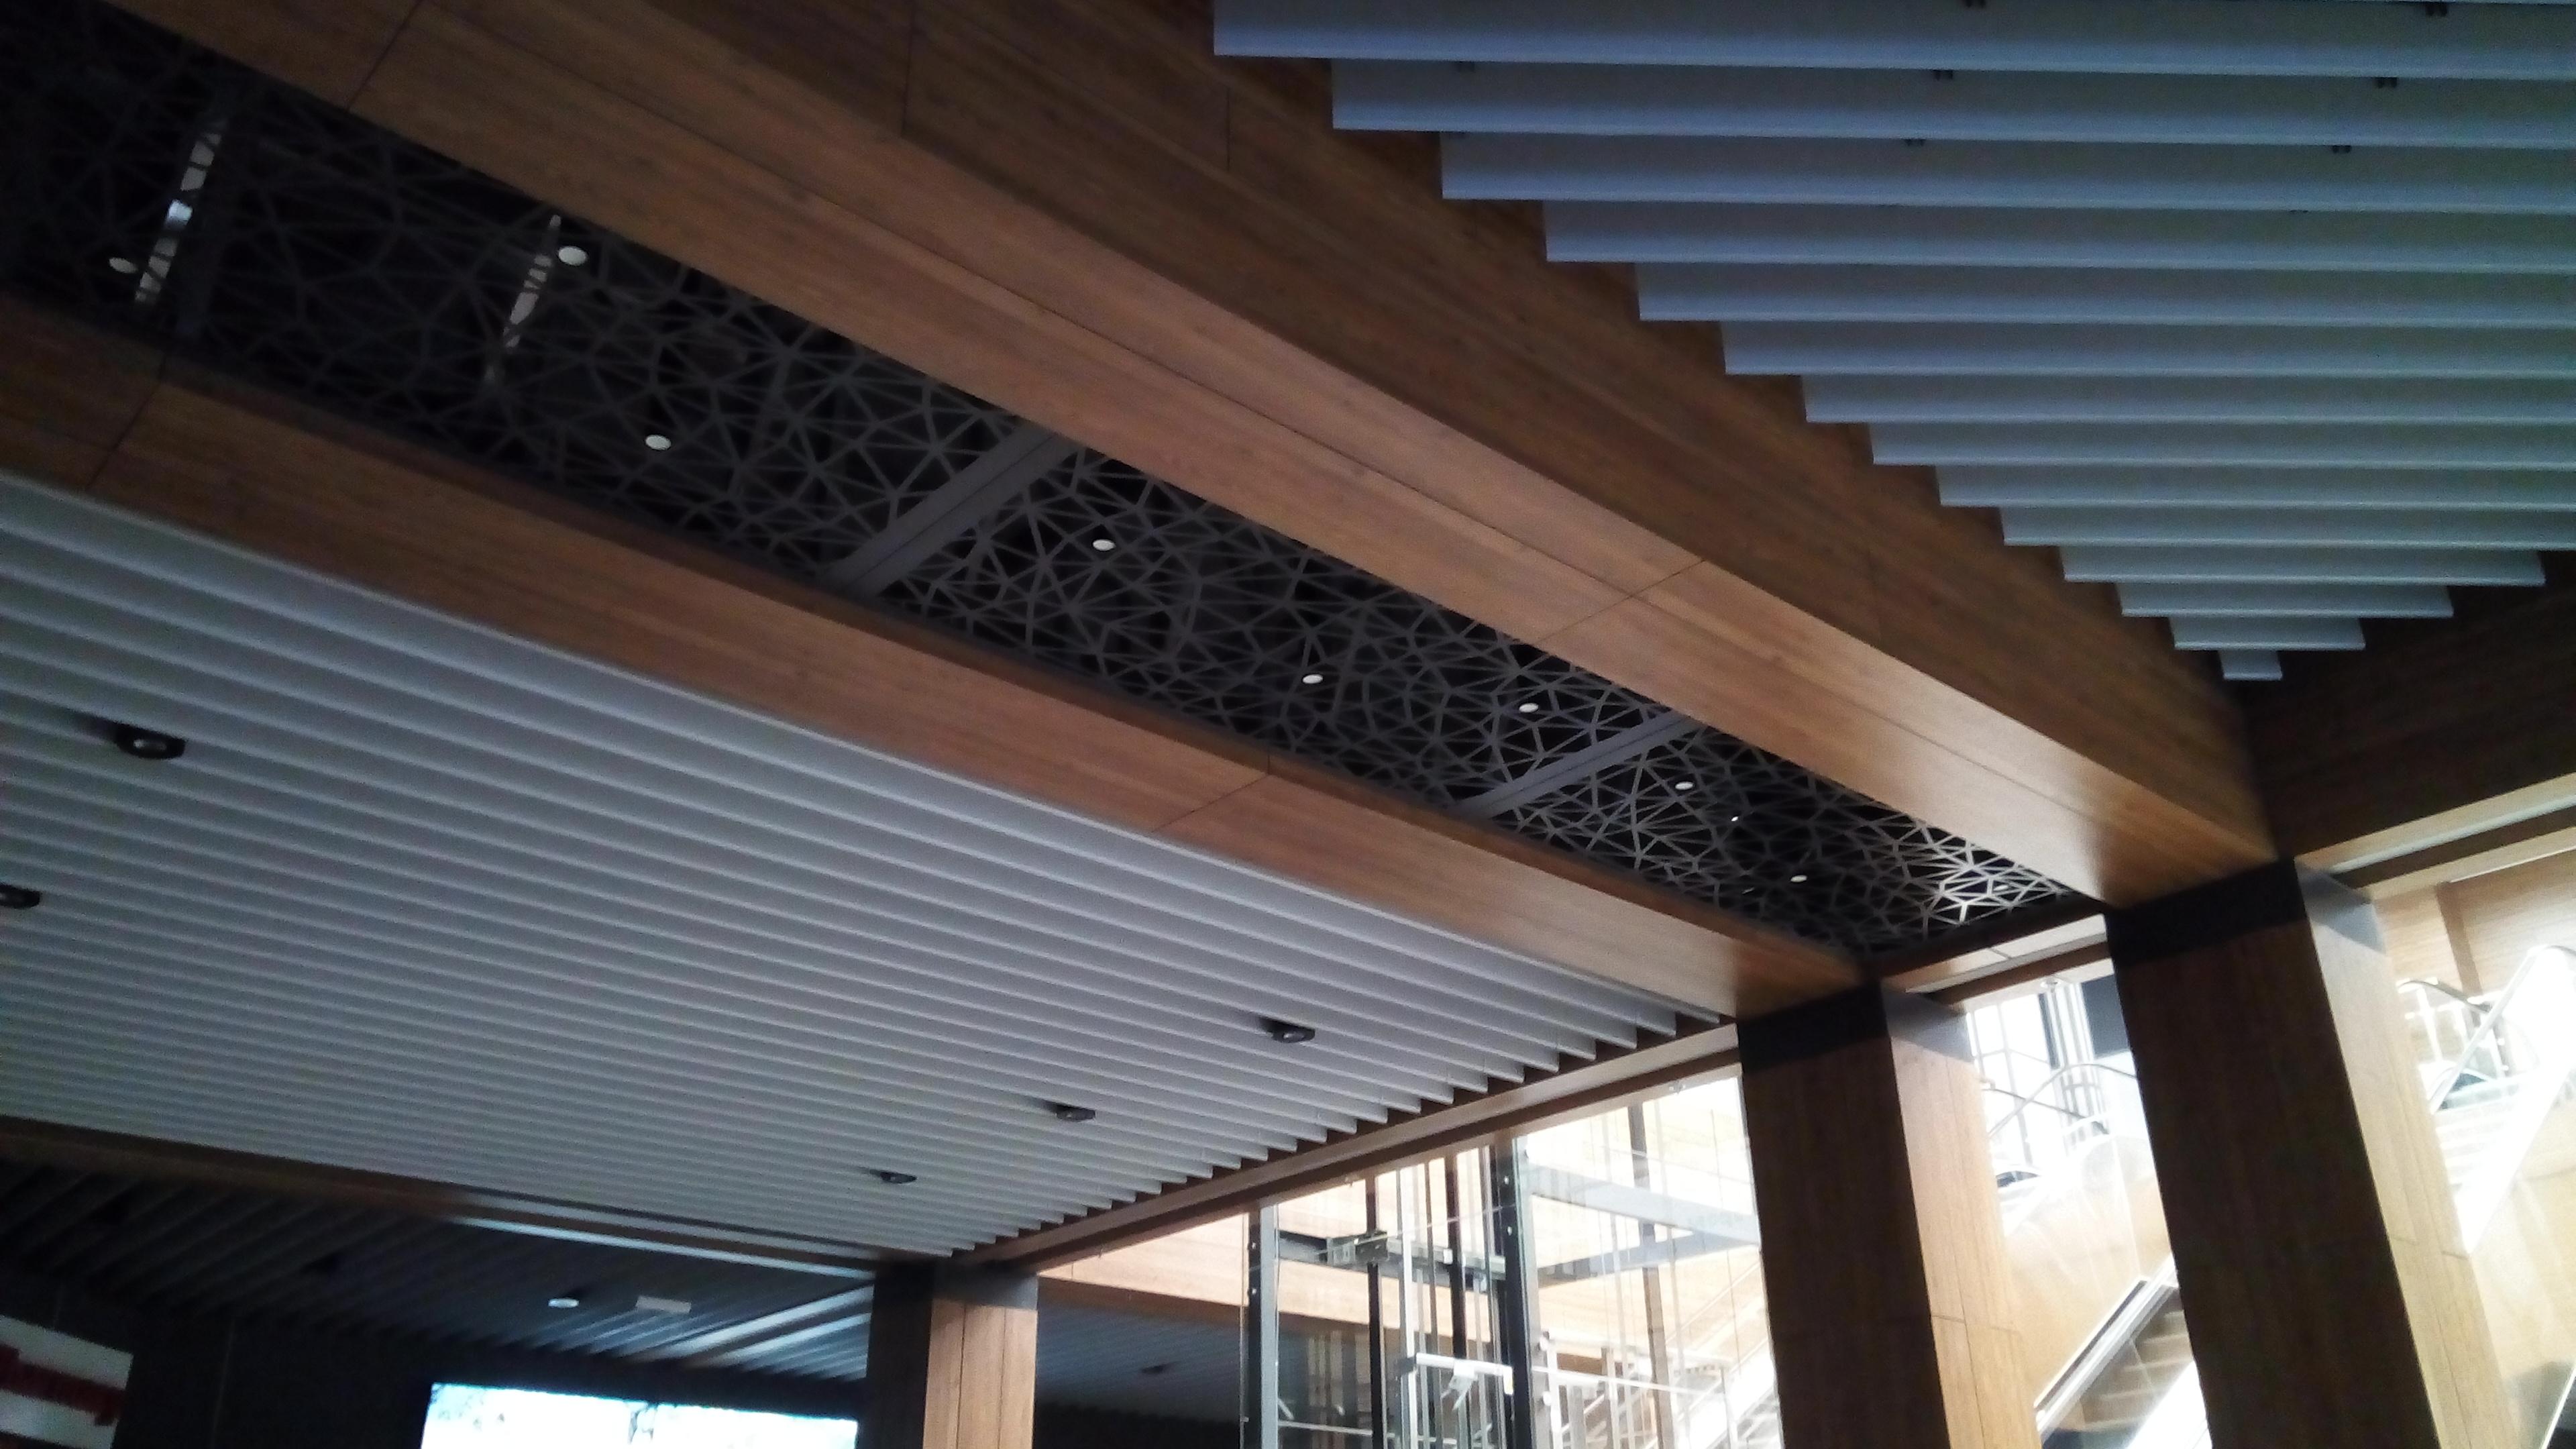 Фото Hpl- панели балки на потолке+ потолок реечного типа+ подсветка+ вставки из металла